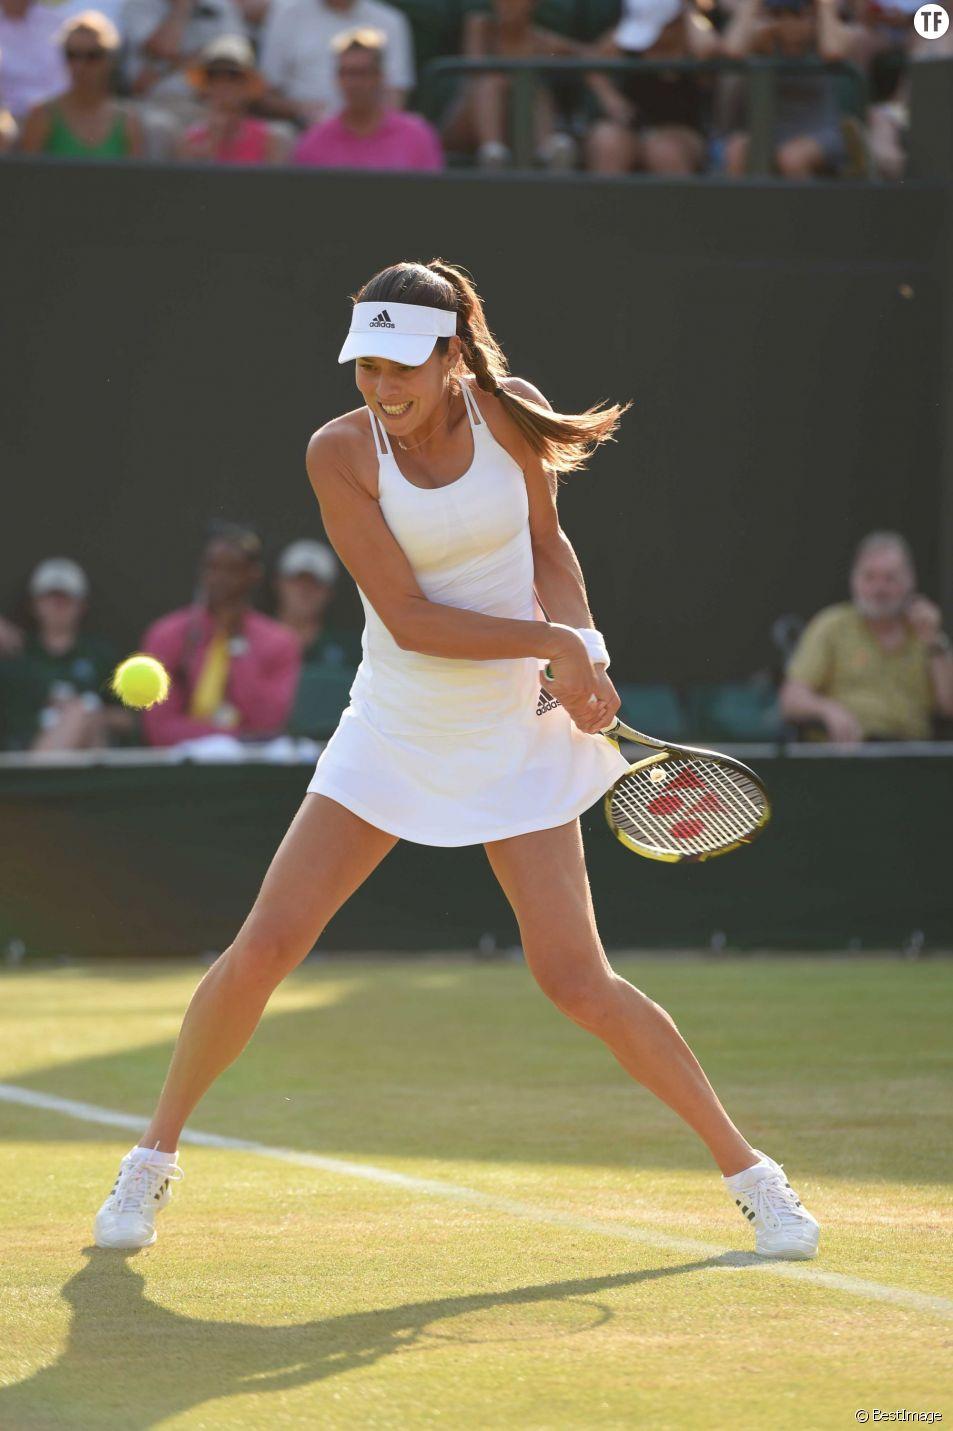 A Wimbledon, les joueuses de tennis doivent impérativement s'habiller en blanc. Une contrainte terrible lorsqu'on a ses règles...